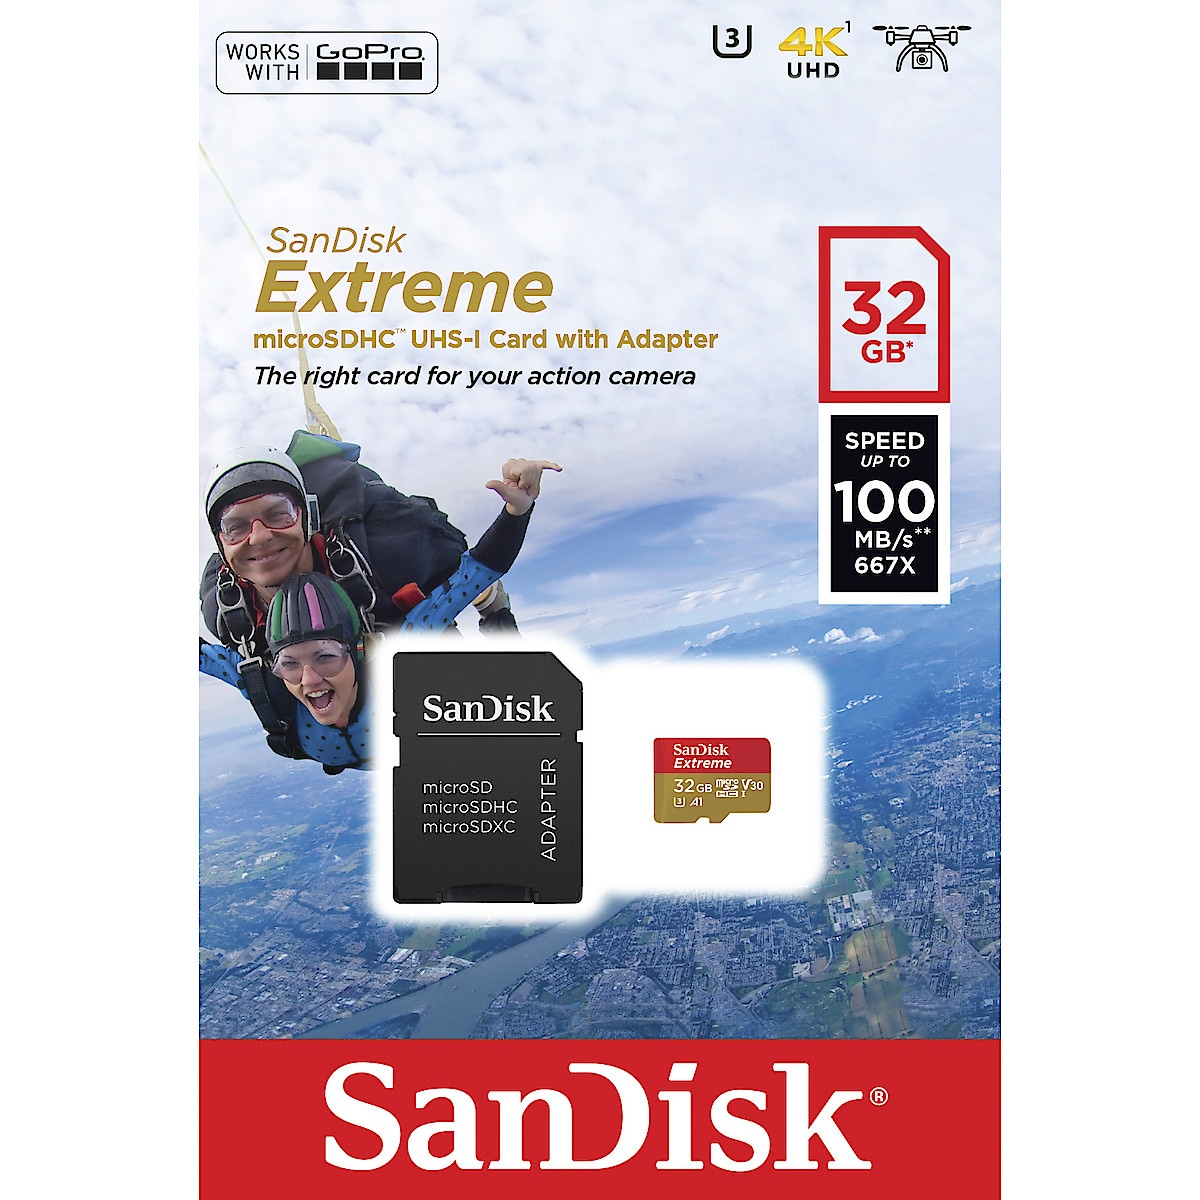 MicroSD Extreme Flash minneskort UHS 1, Sandisk